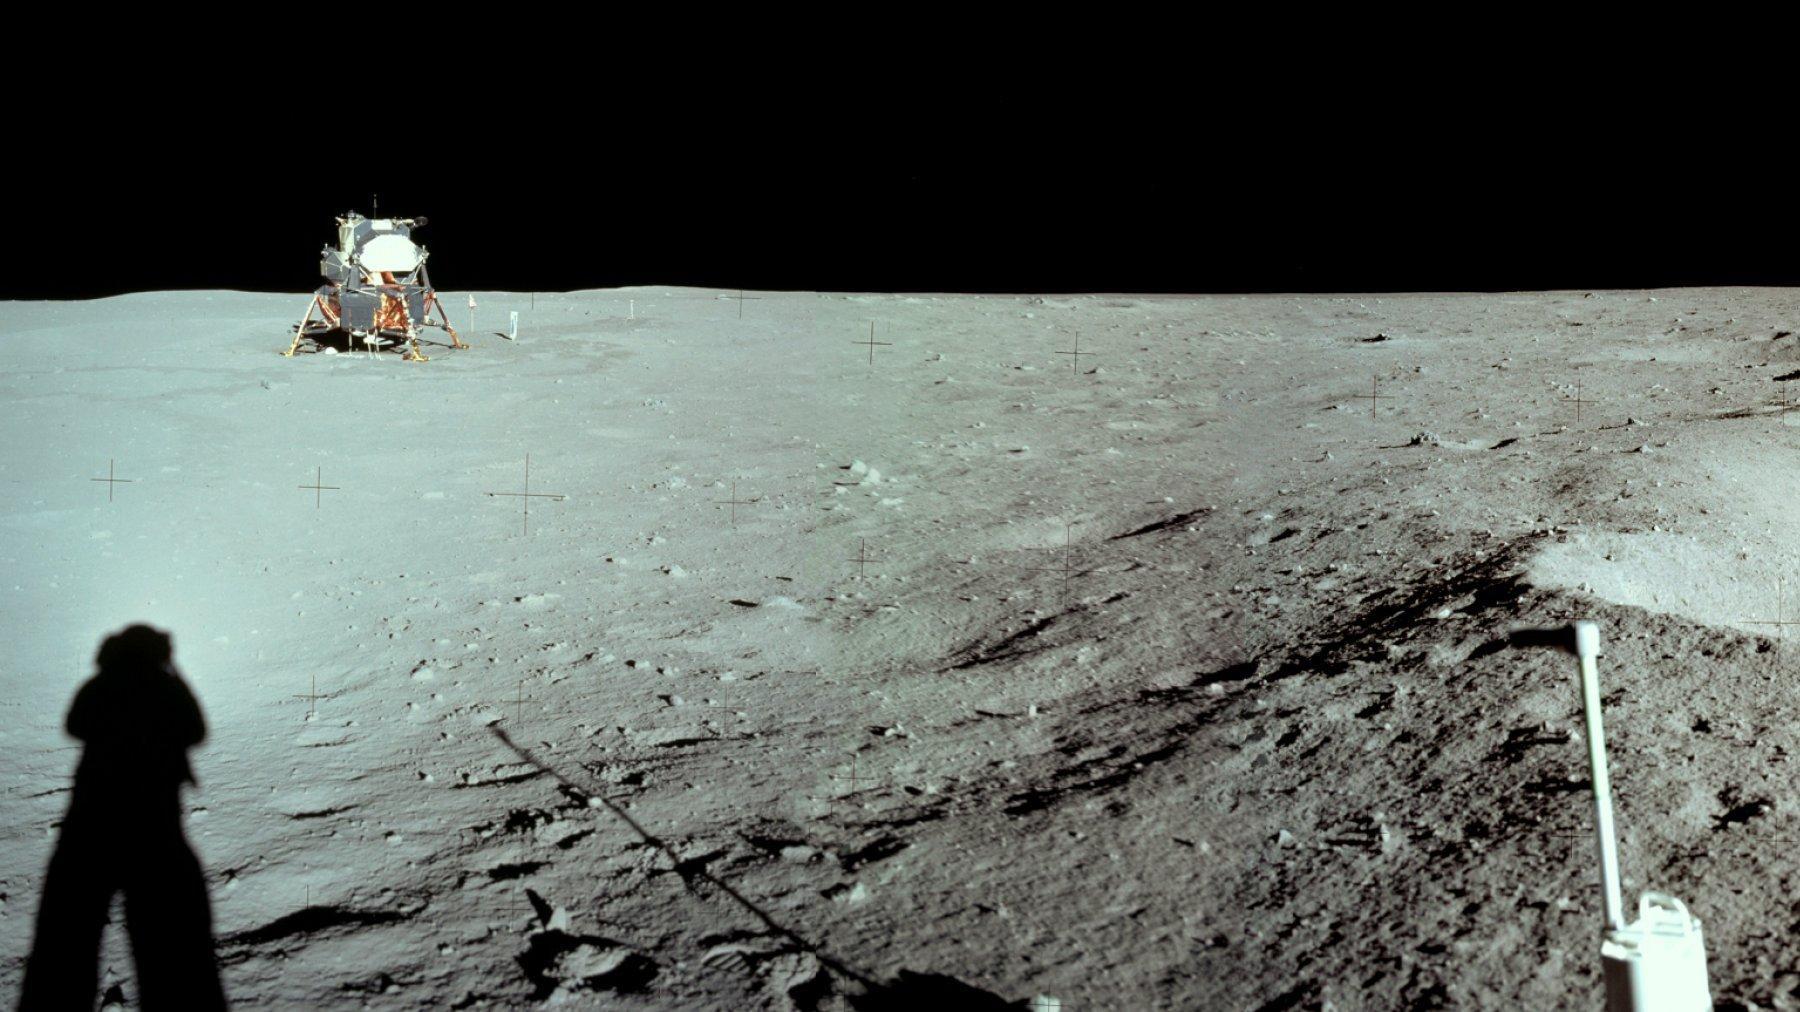 Neil Armstrongs Schattenwurf auf dem Mond